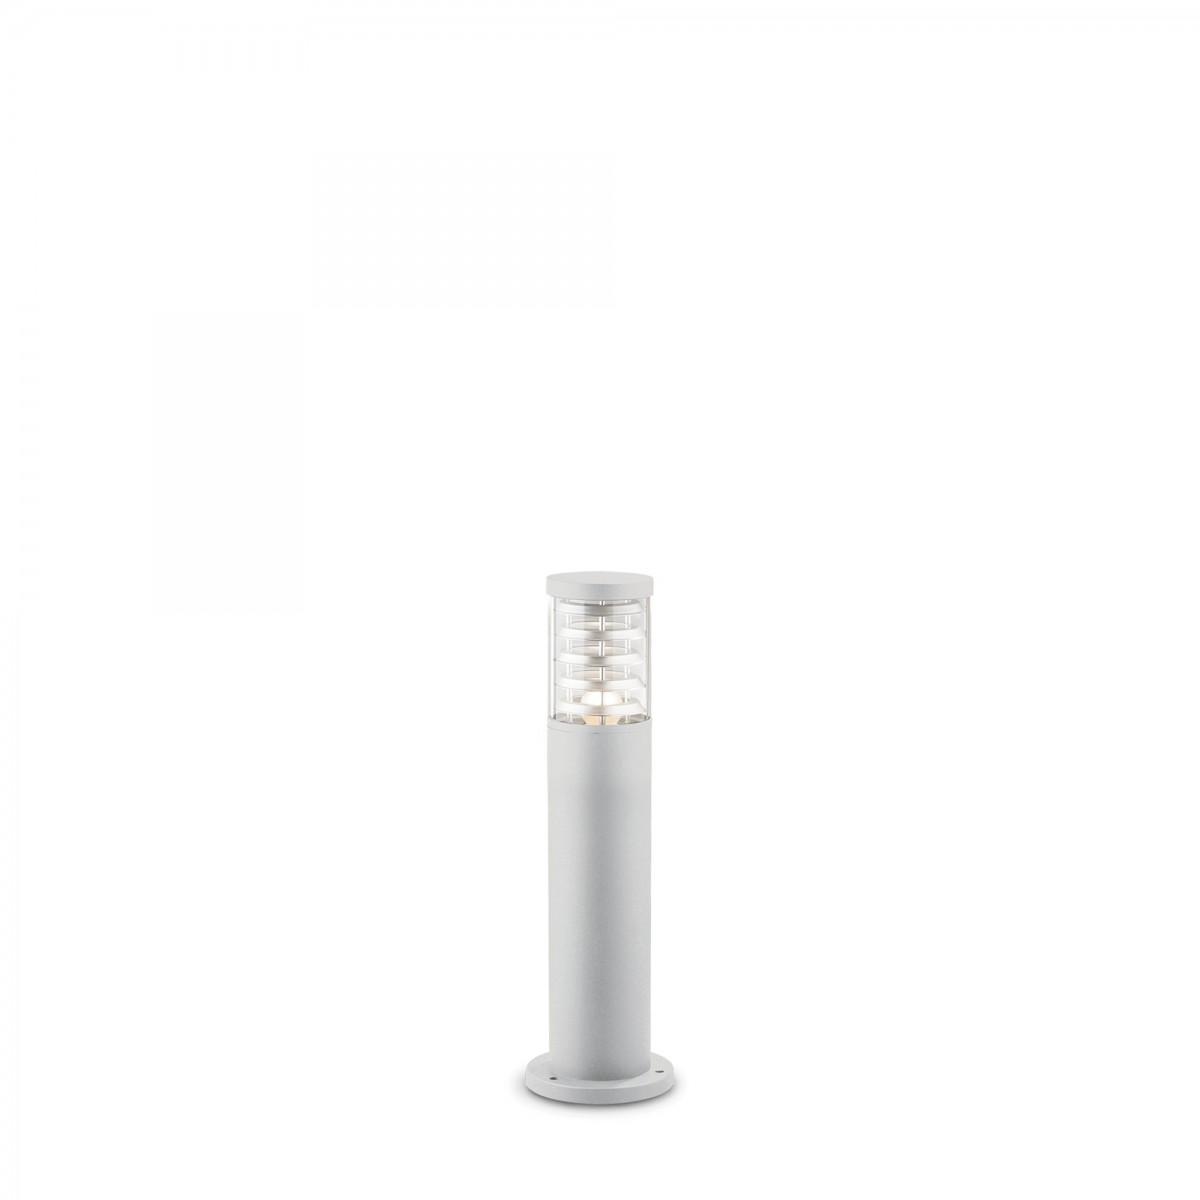 Ideal Lux 248264 venkovní sloupkové svítidlo Tronco 1x60W | E27 | IP54 - bílé